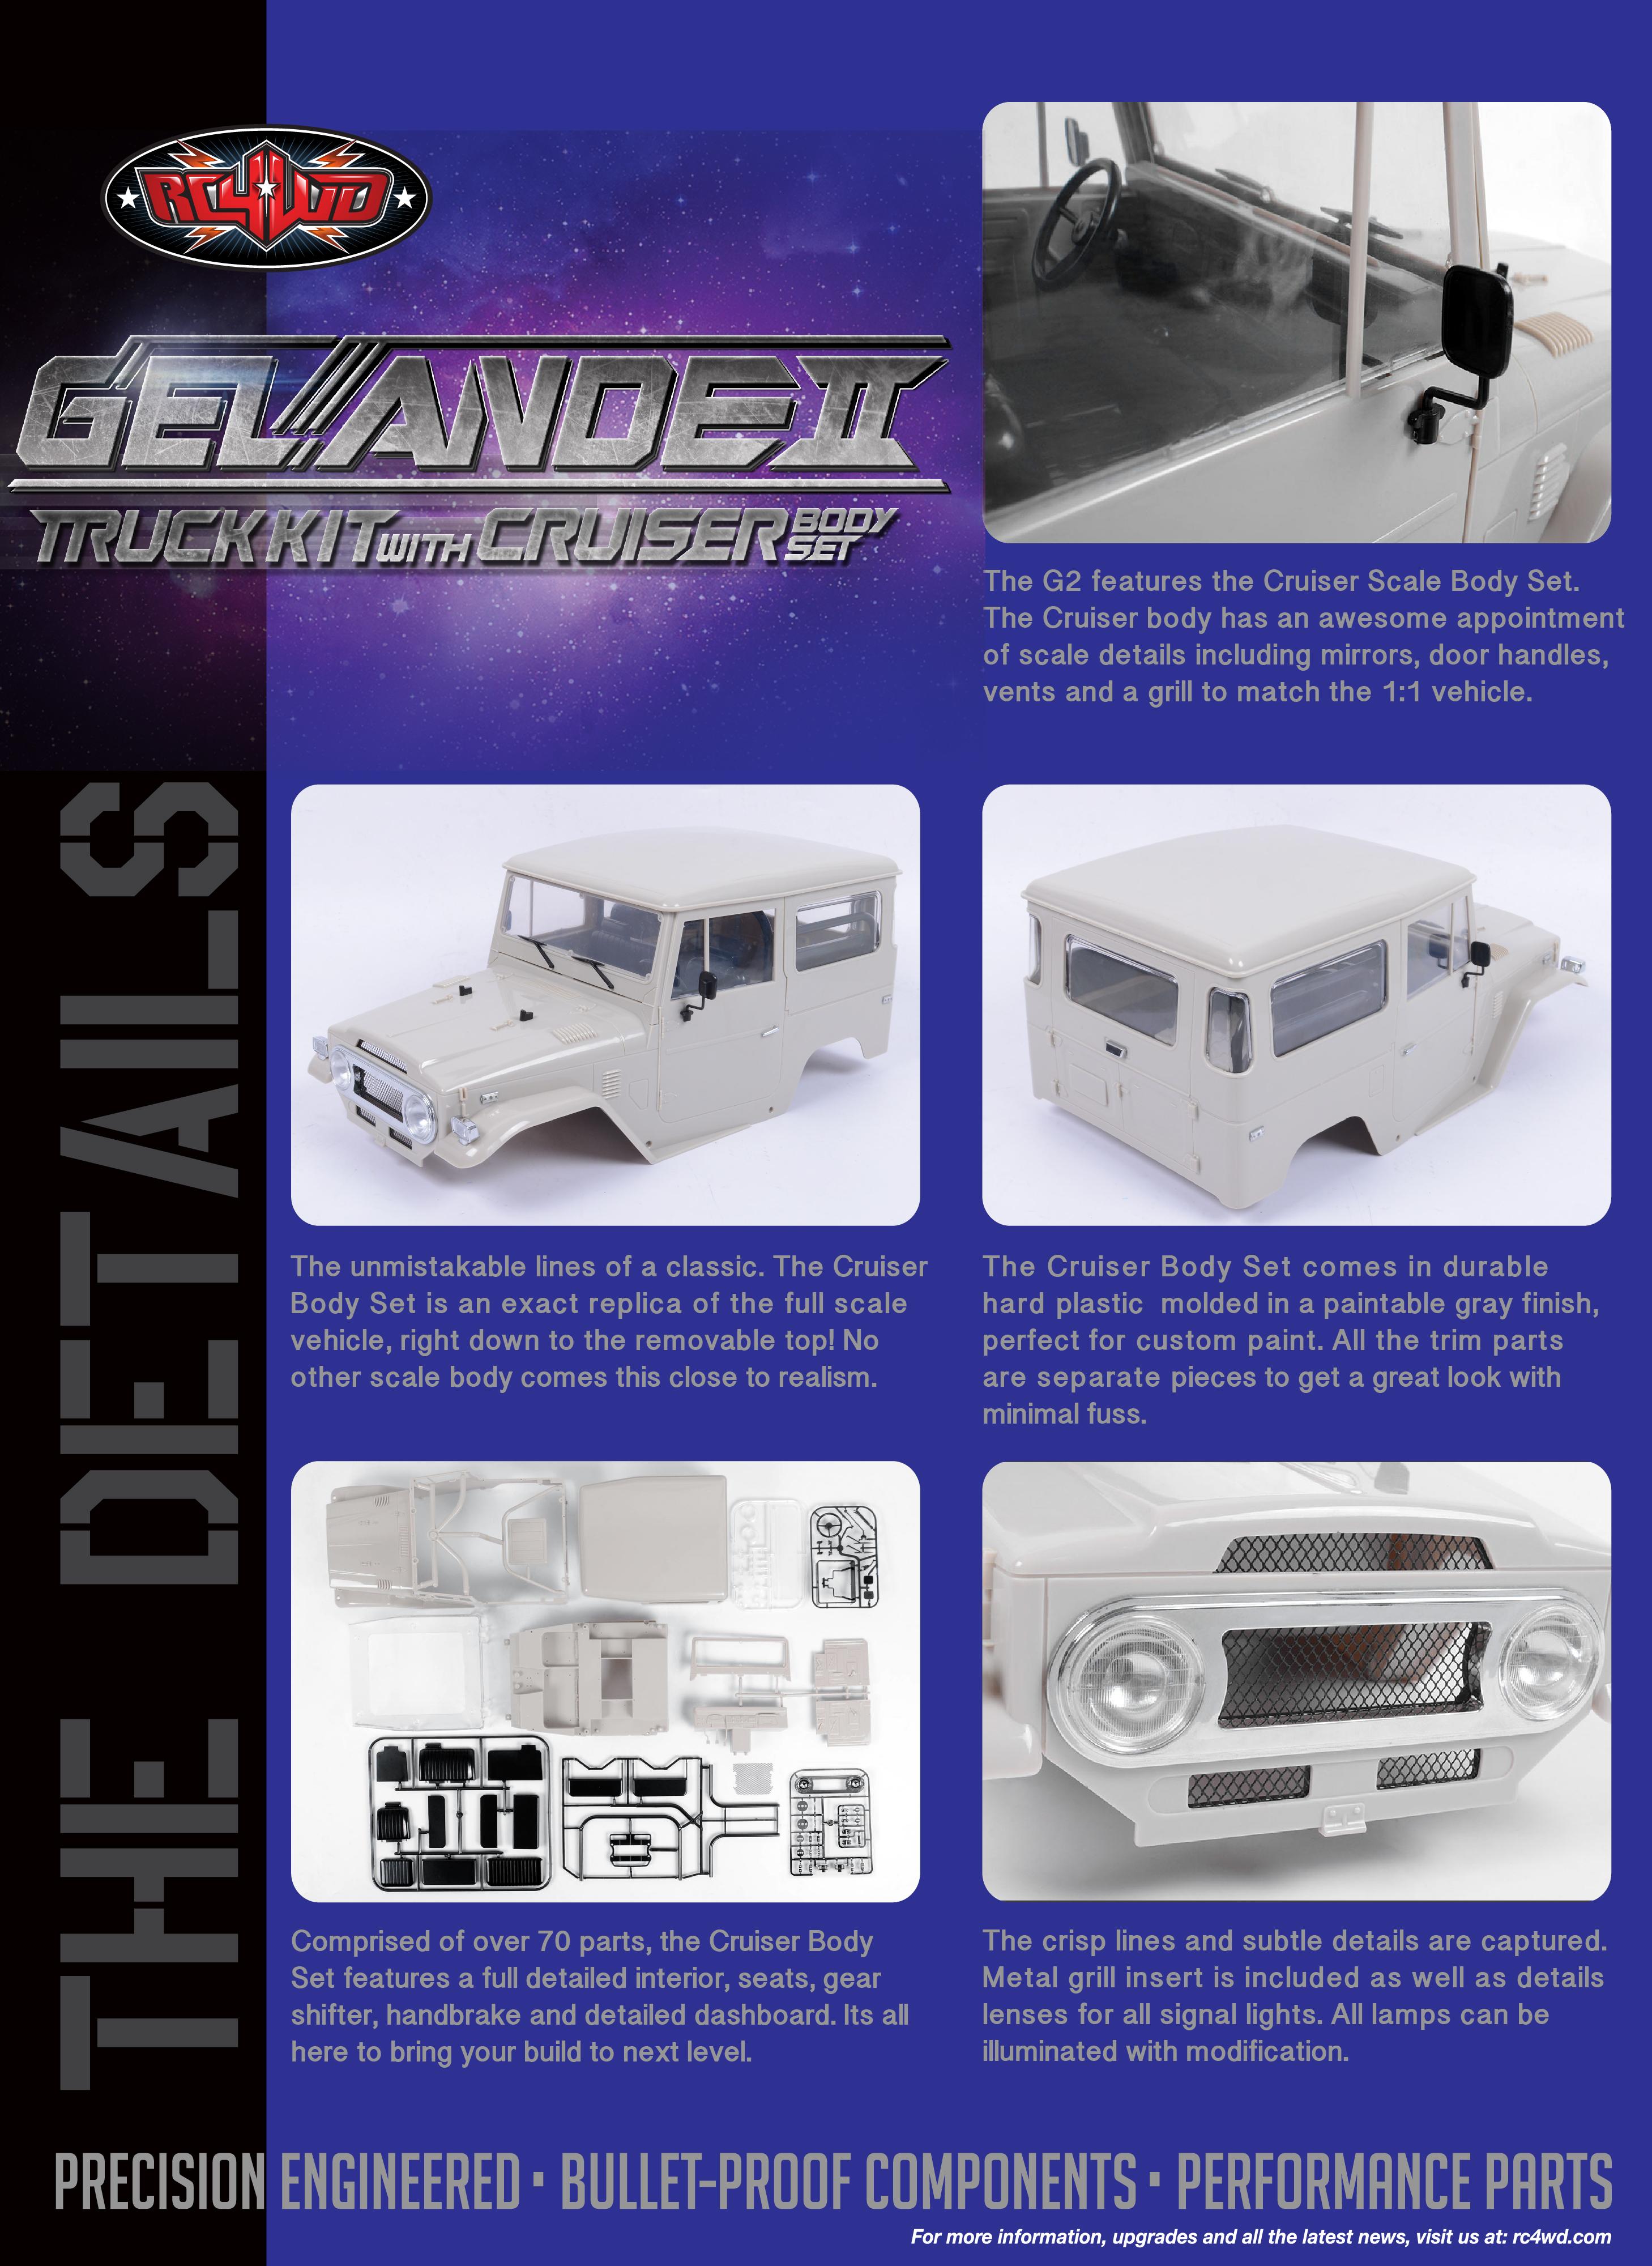 RC4WD Gelande II Truck Kit w/Cruiser Body Set Z-K0051 - RC-HP.de ...